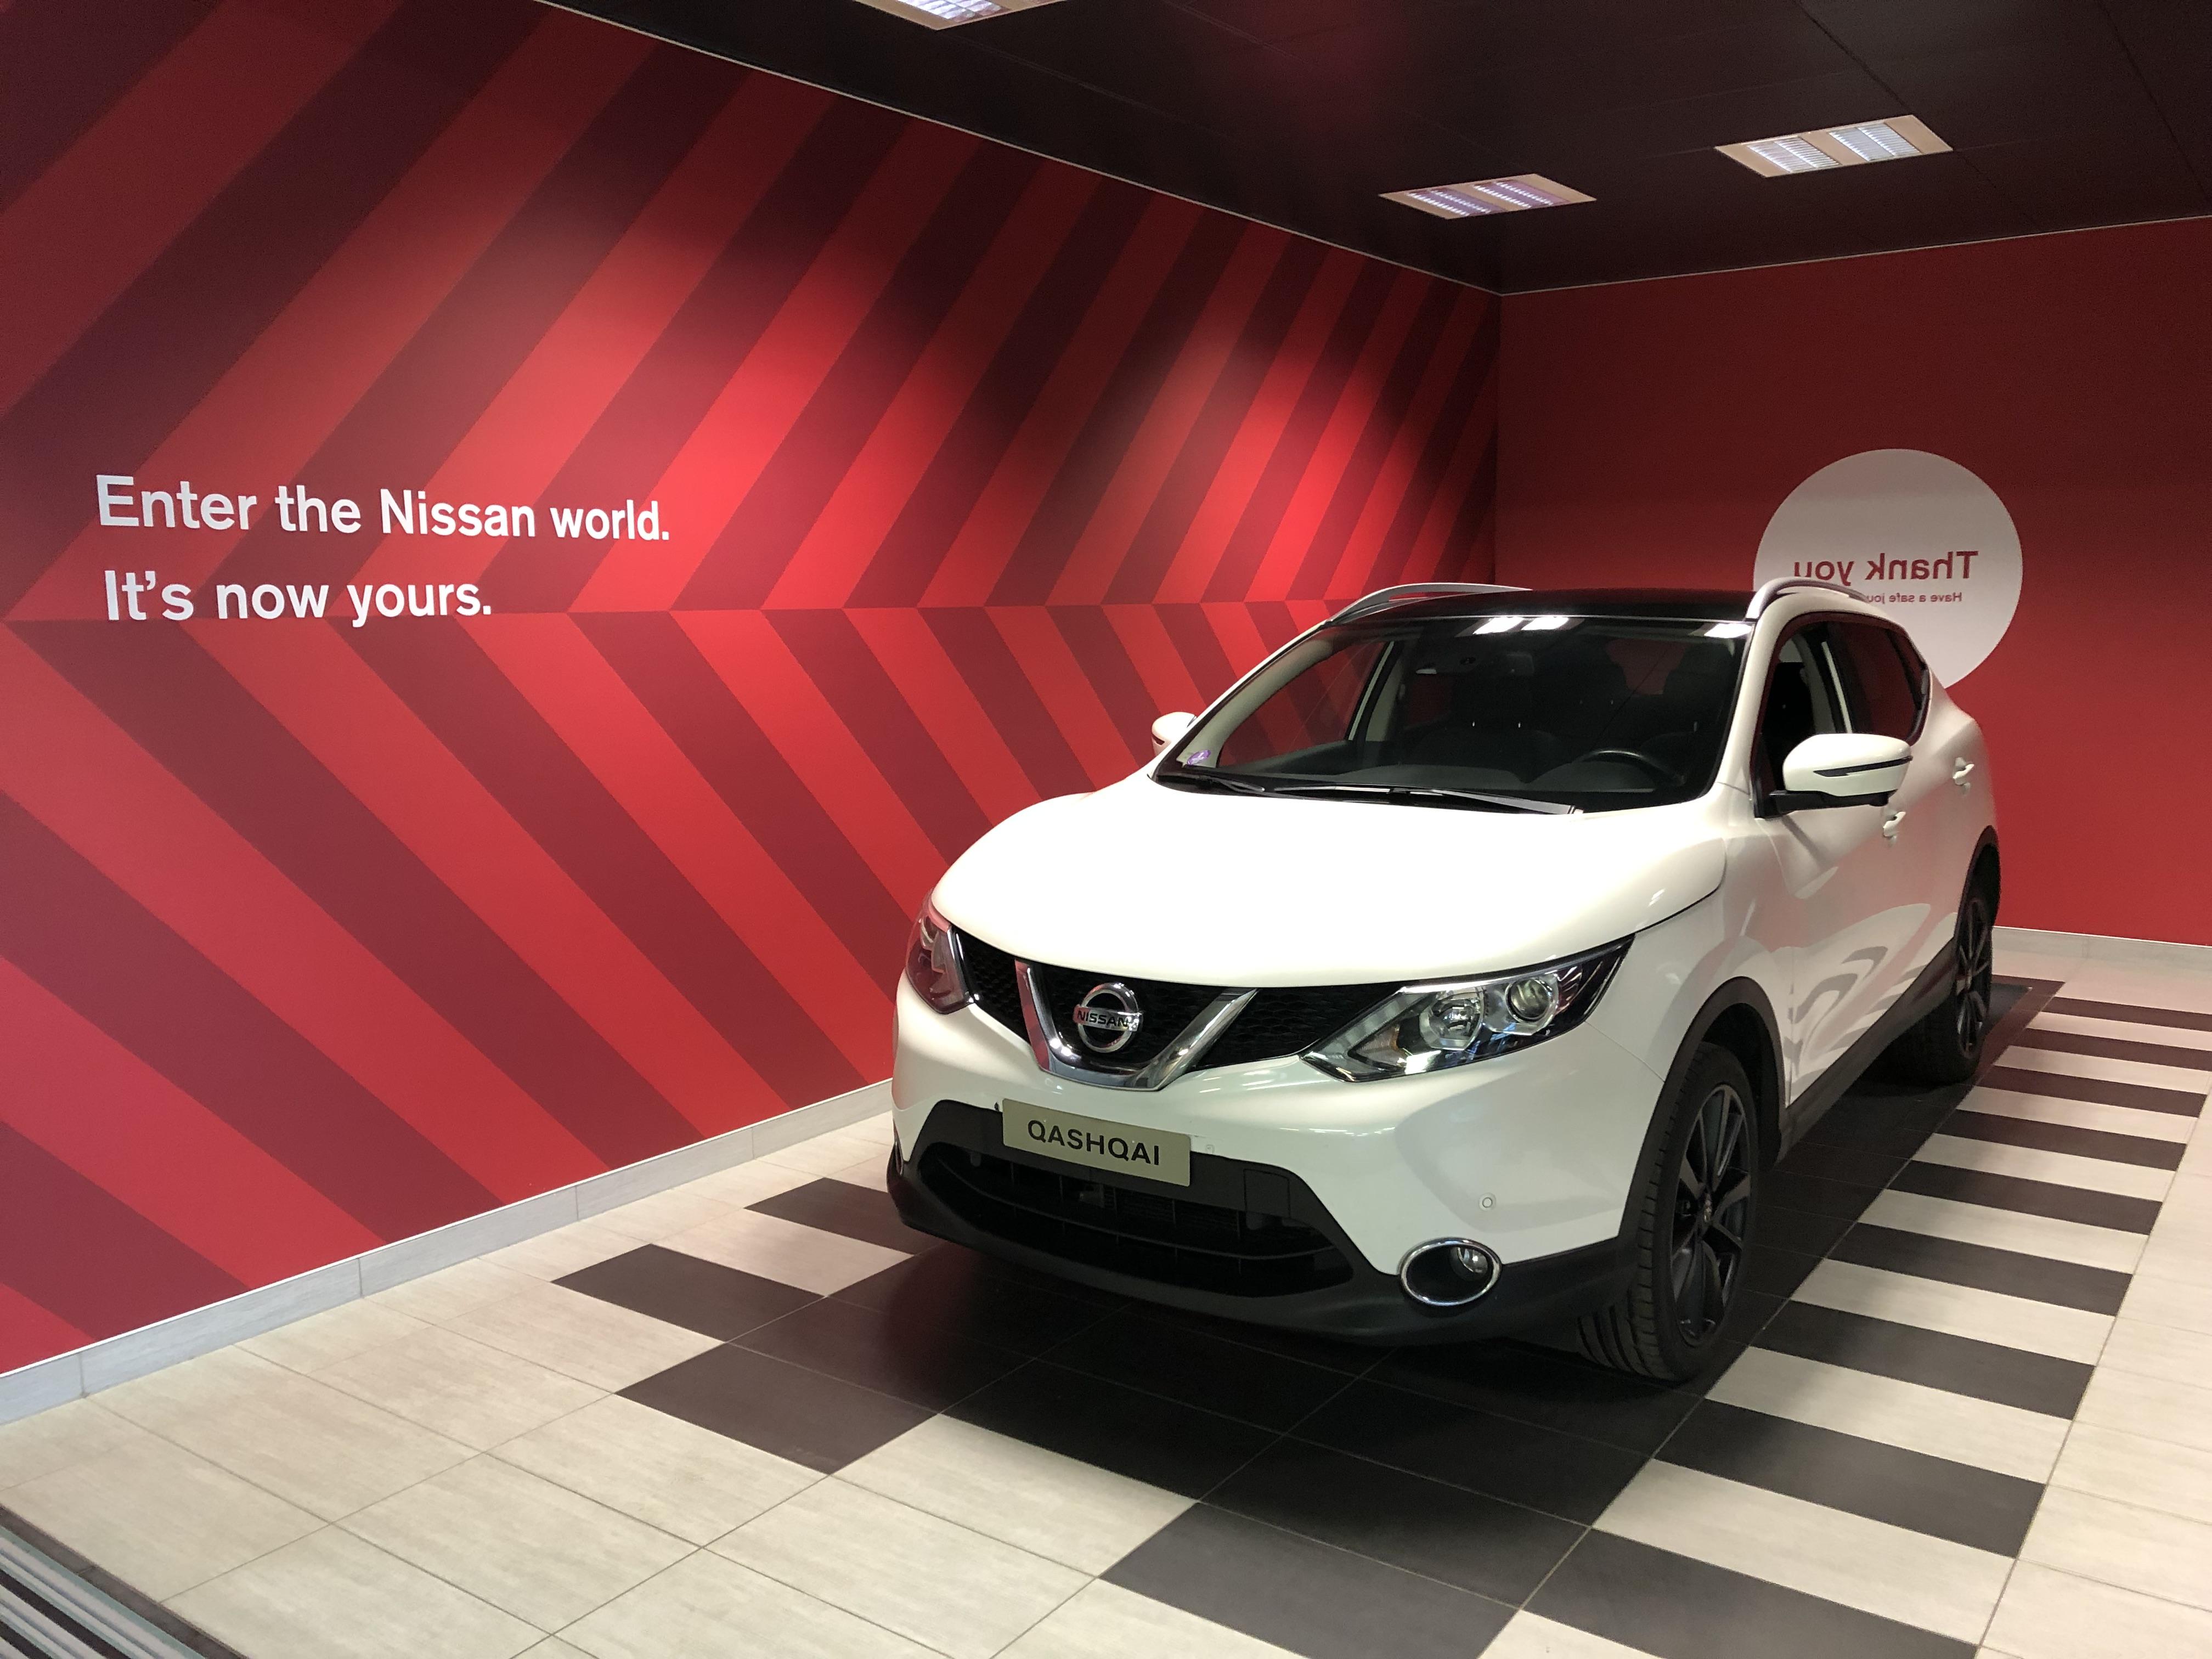 Nissan Garage Tweedehands : Nissan dig t pk n motion euro d speciale versie tweedehands